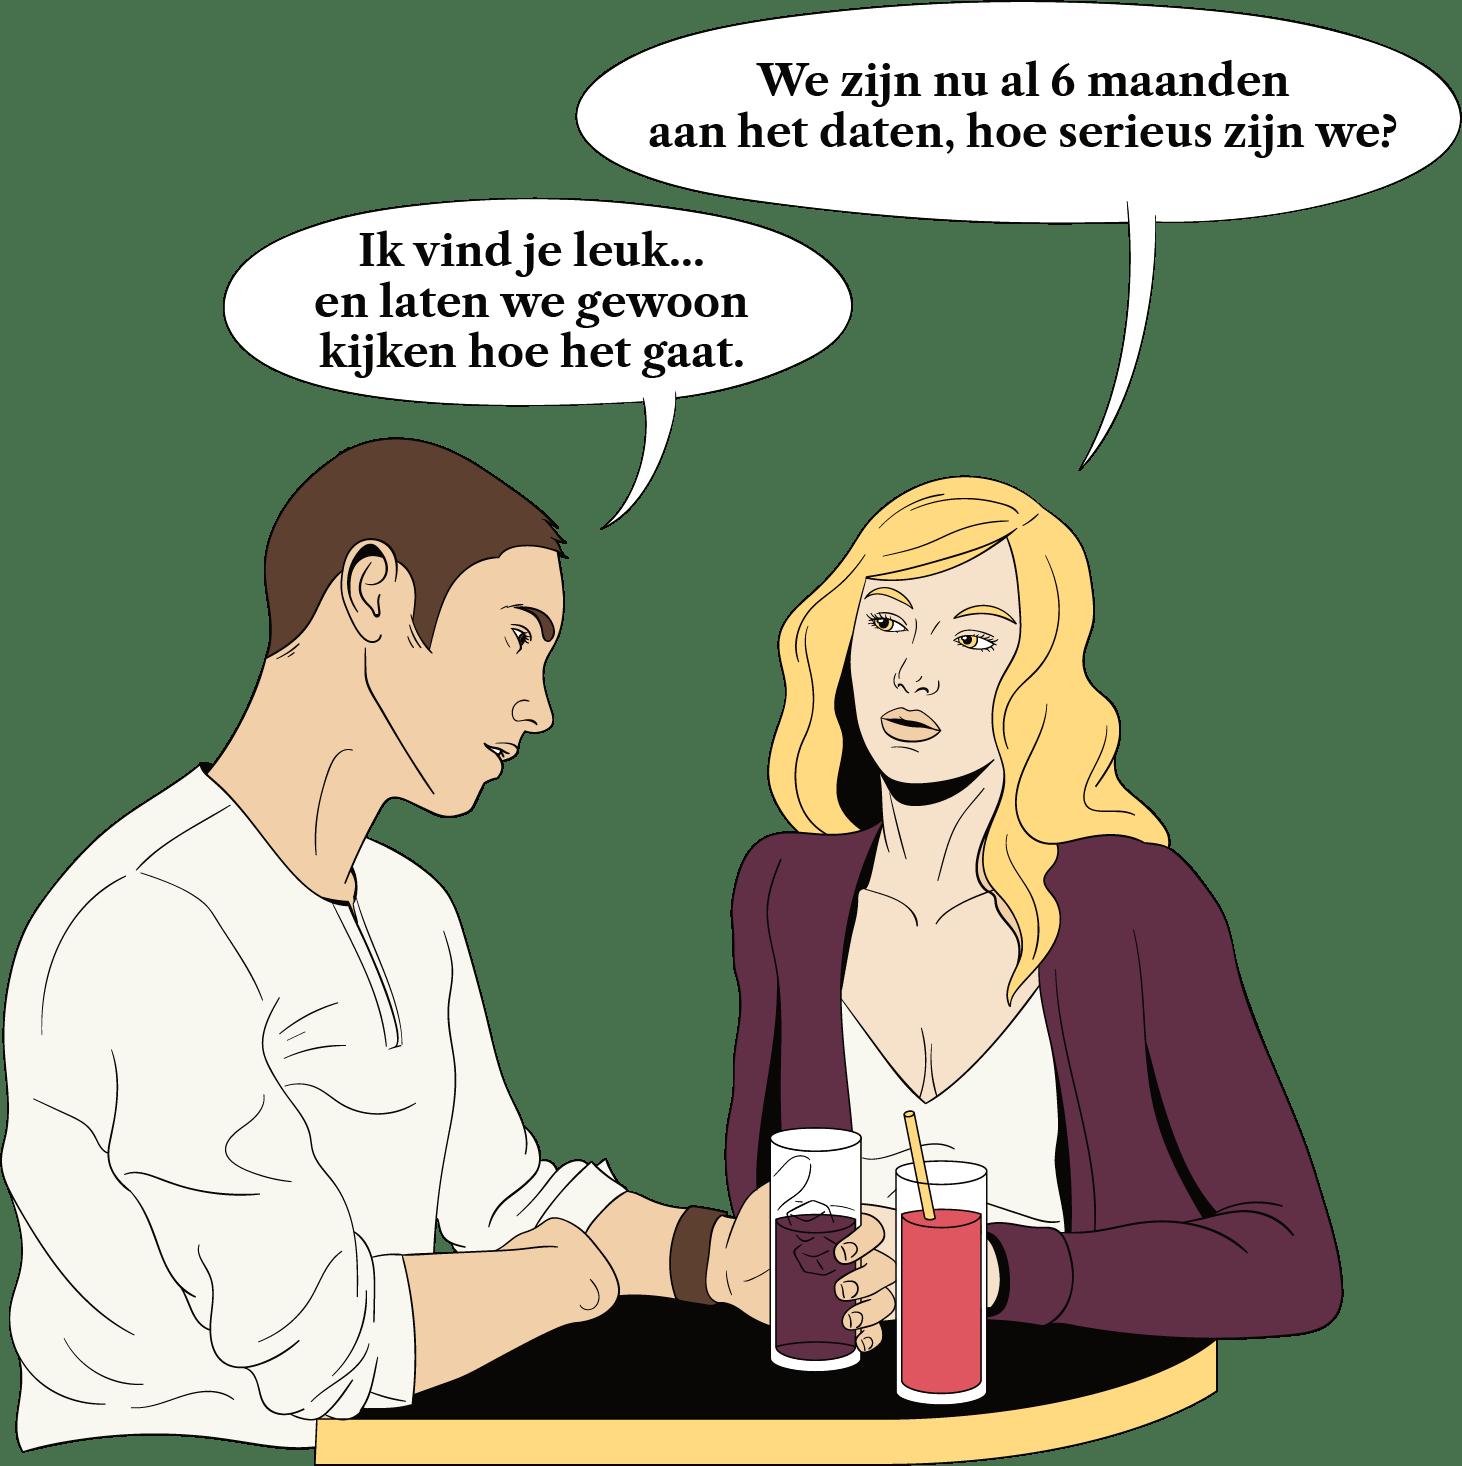 Een man wil het langzamer aan doen dan een vrouw en stuurt daarom tegenstrijdige signalen naar haar